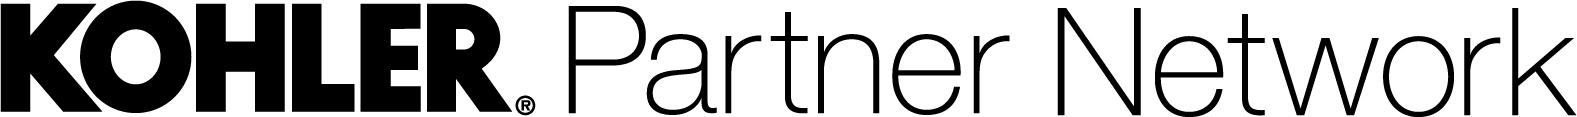 Kohler_PartnerNetwork_1Line_Logo_KB-PA_2016-12-21_BLK - Copy.jpg